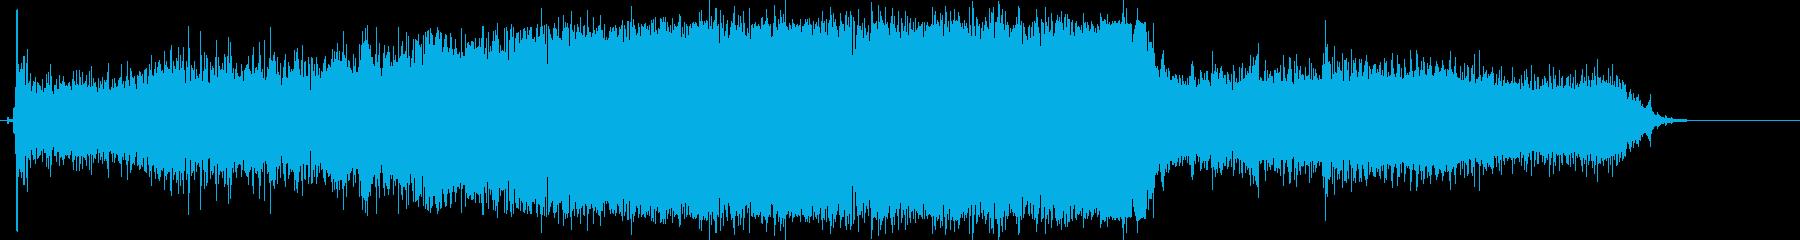 ピータービルトセミトラック:スター...の再生済みの波形